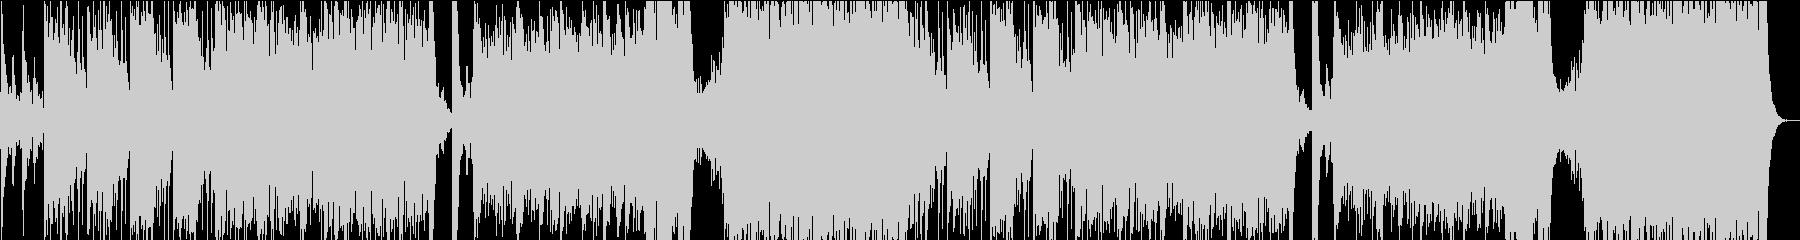 和オーケストラ_威圧的の未再生の波形